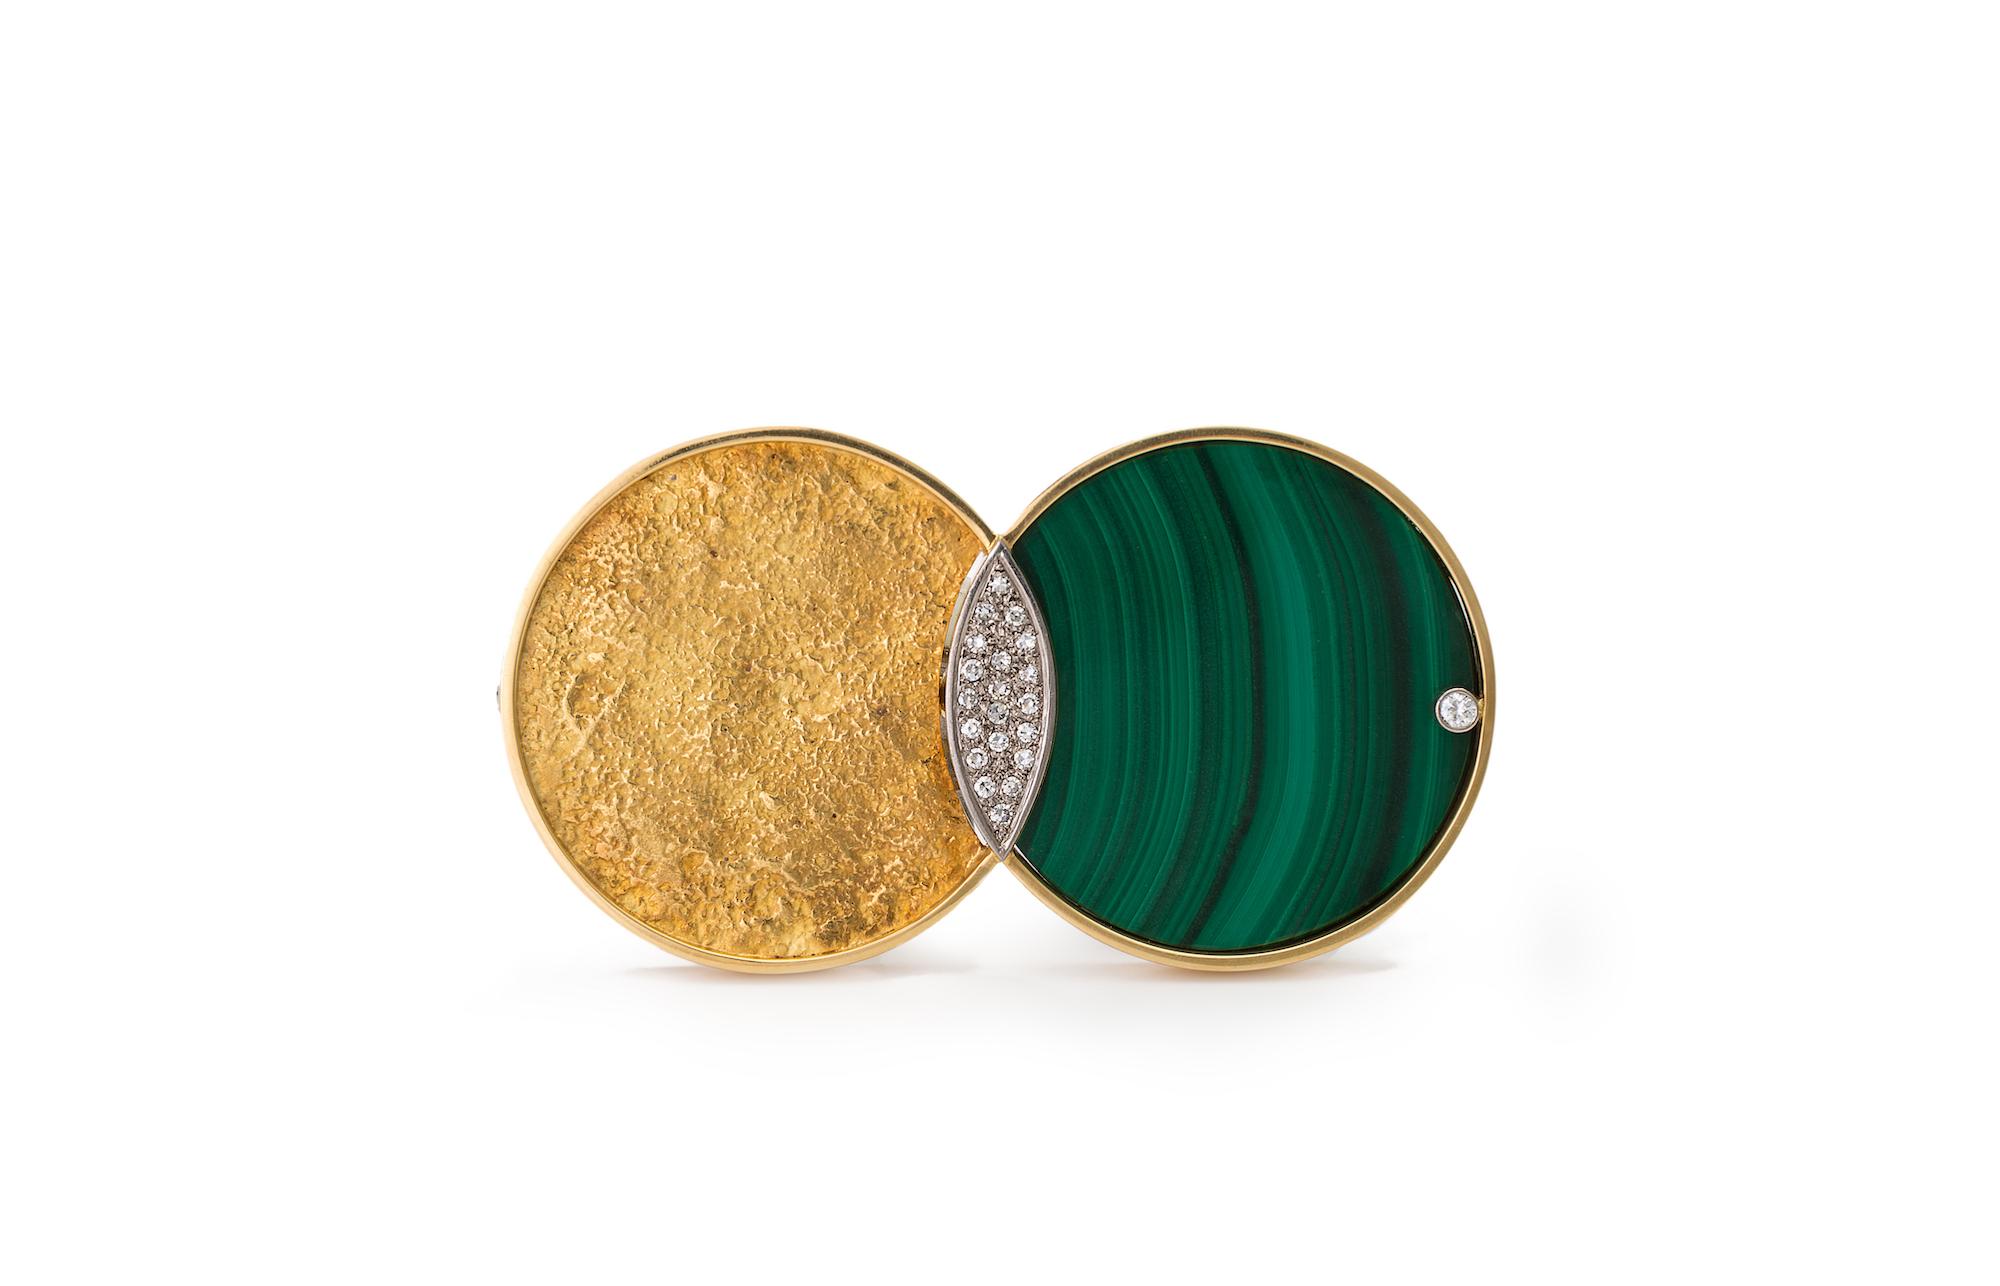 Brosche aus Gold, zwei kreisförmige Elemente überlappen sich